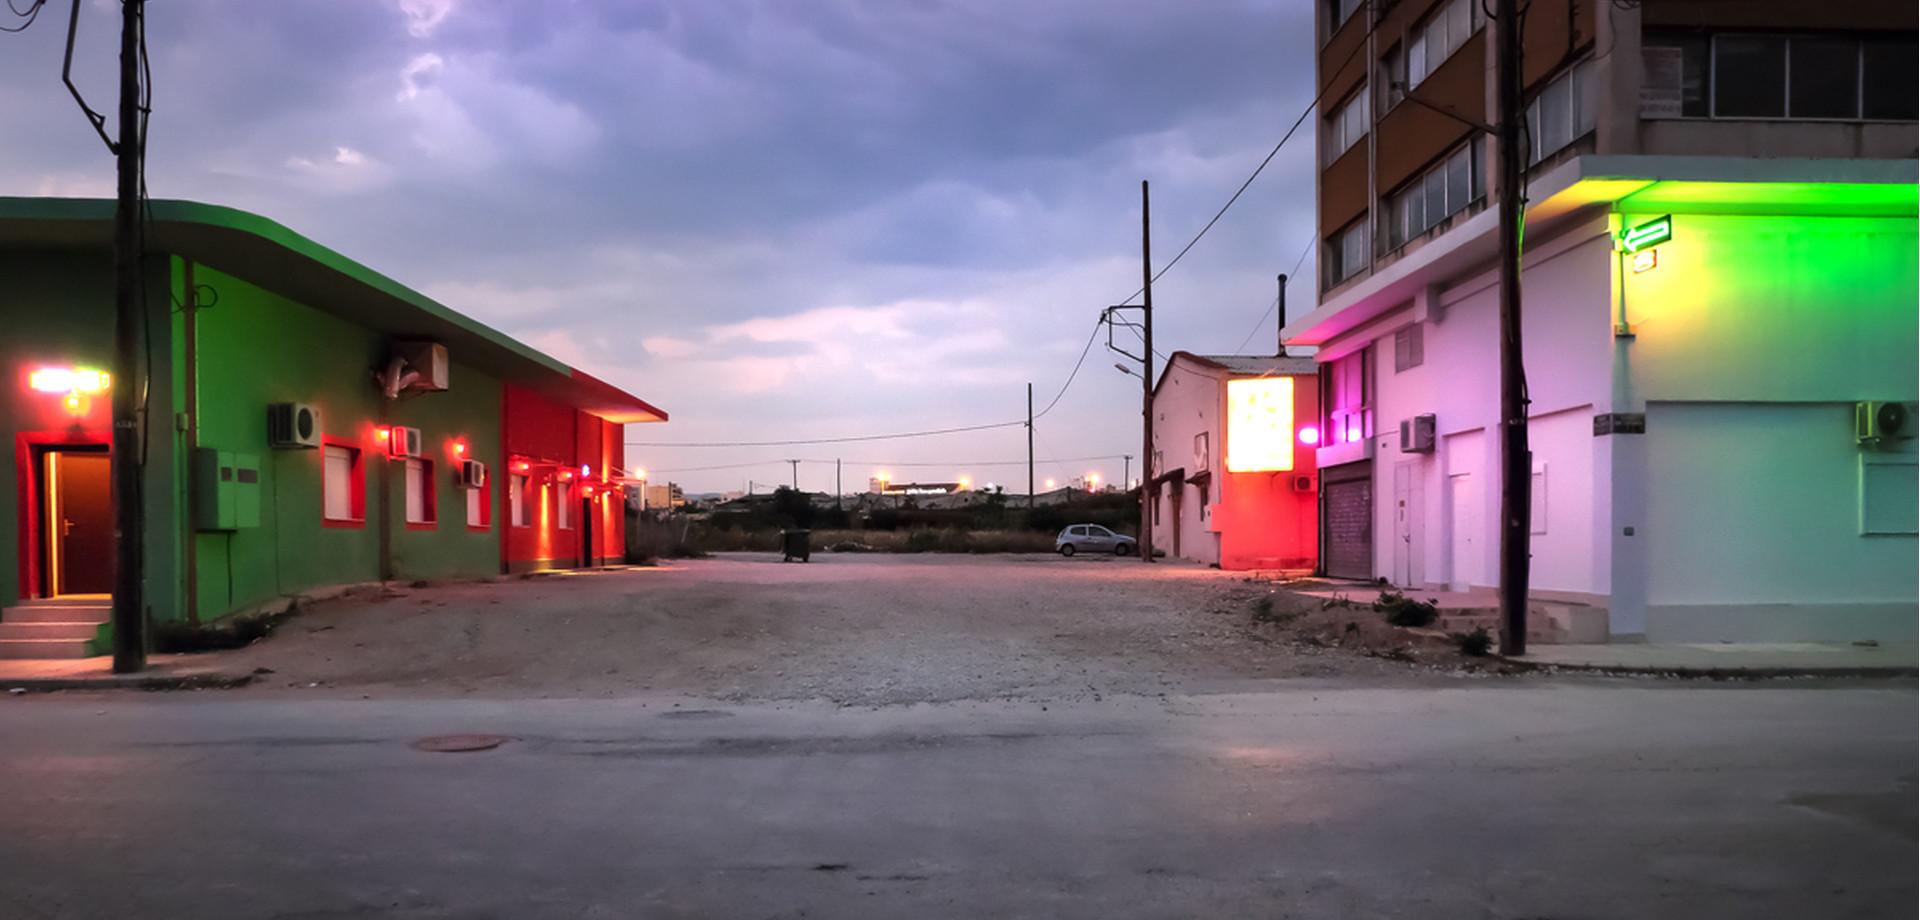 «Σφαγεία Θεσσαλονίκης - Μια περιοχή του Παλίμψηστου» στο Γαλλικό Ινστιτούτο Θεσσαλονίκης